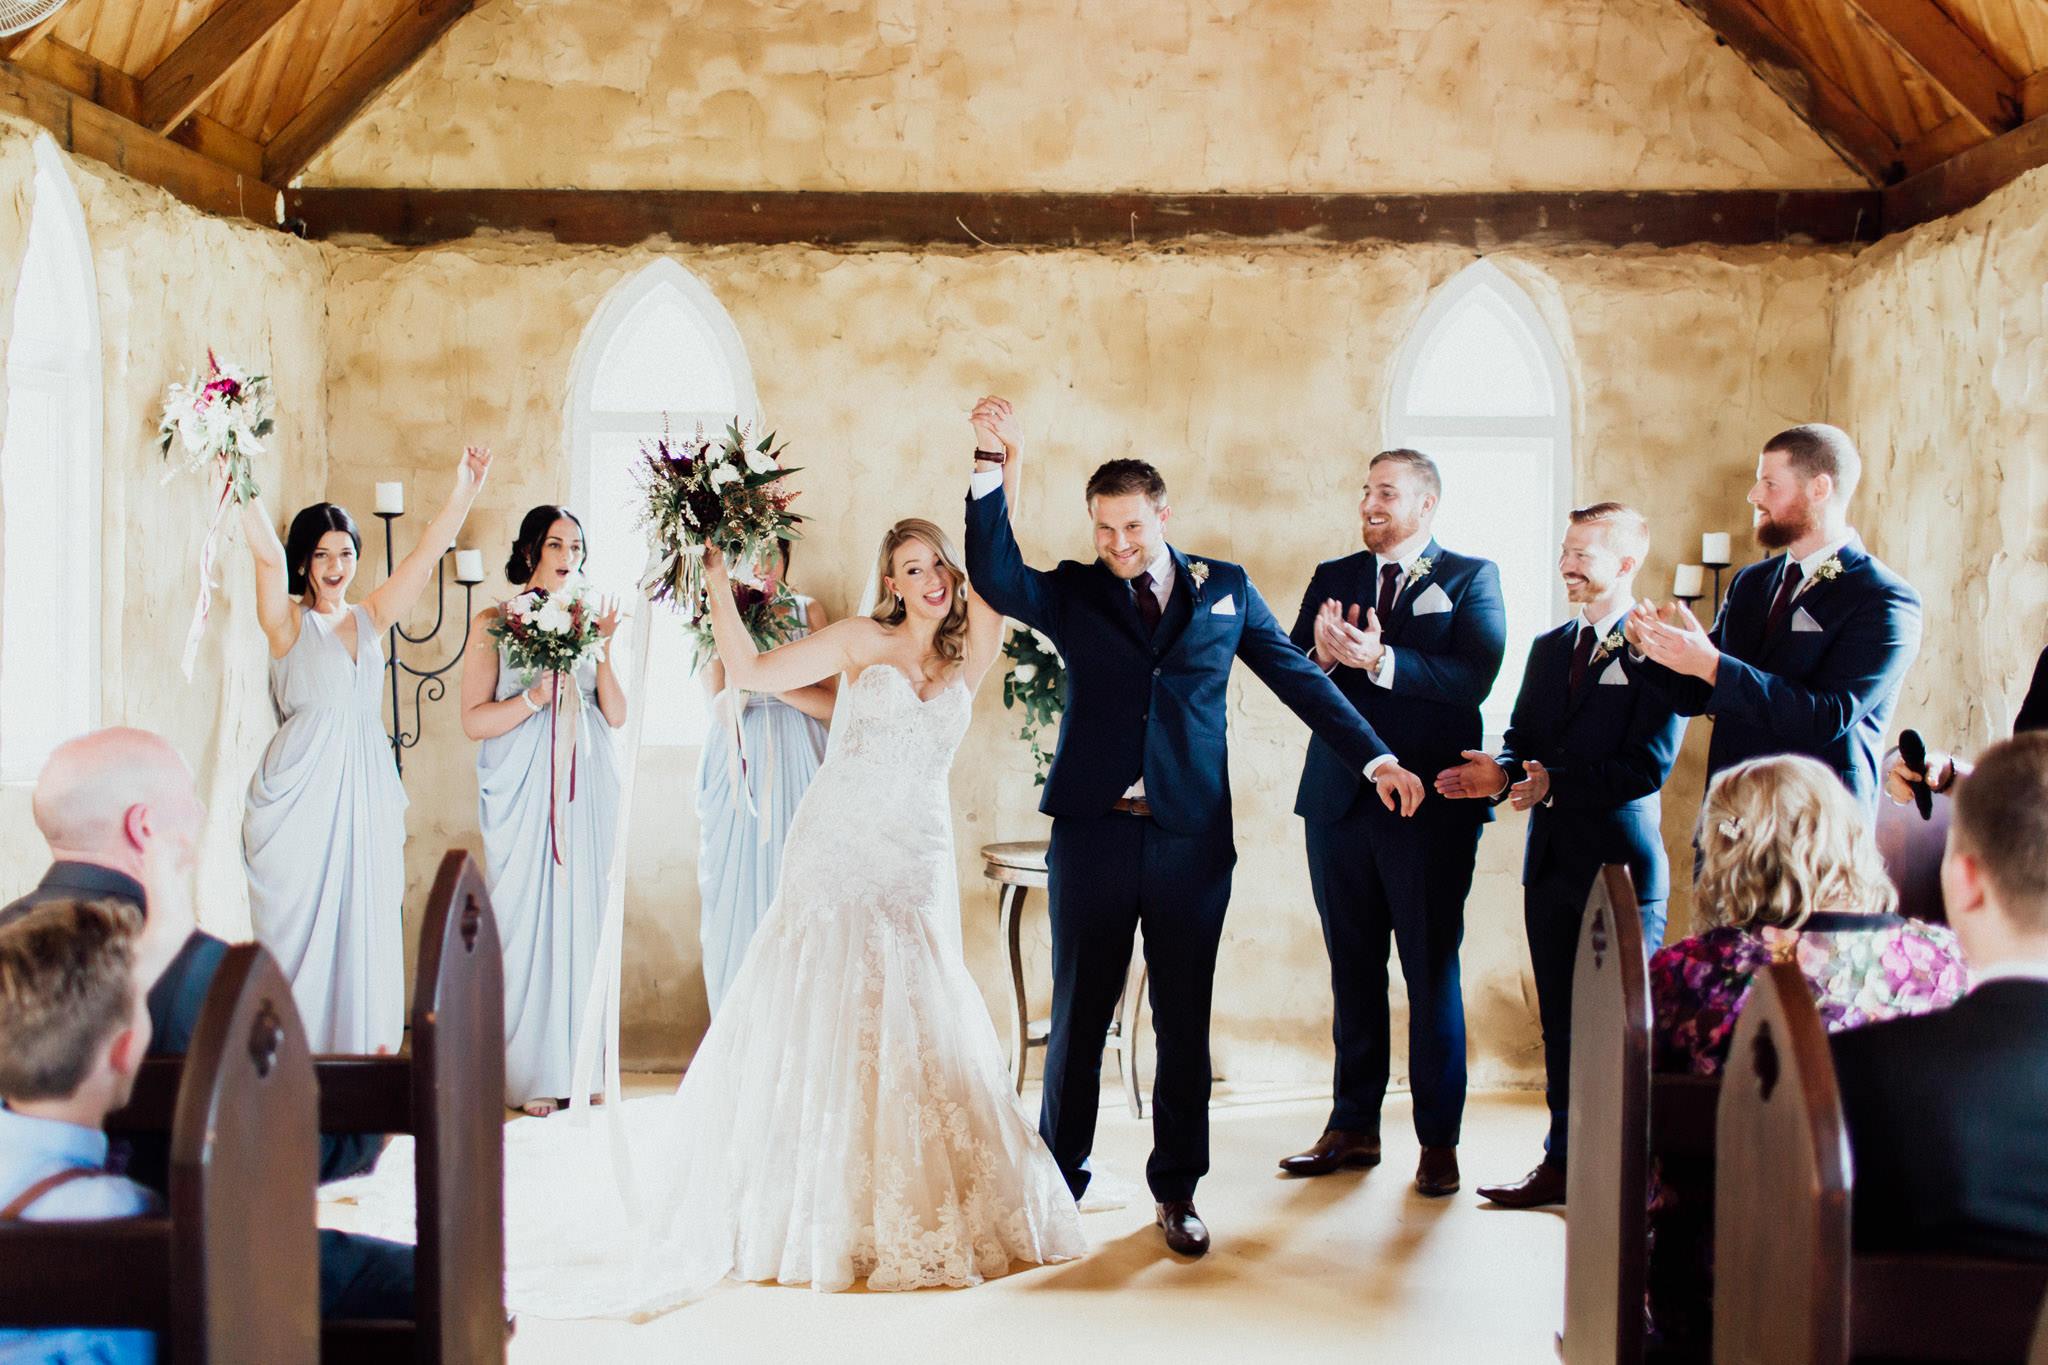 WeddingPhotos_Facebook_2048pixels-1055.jpg